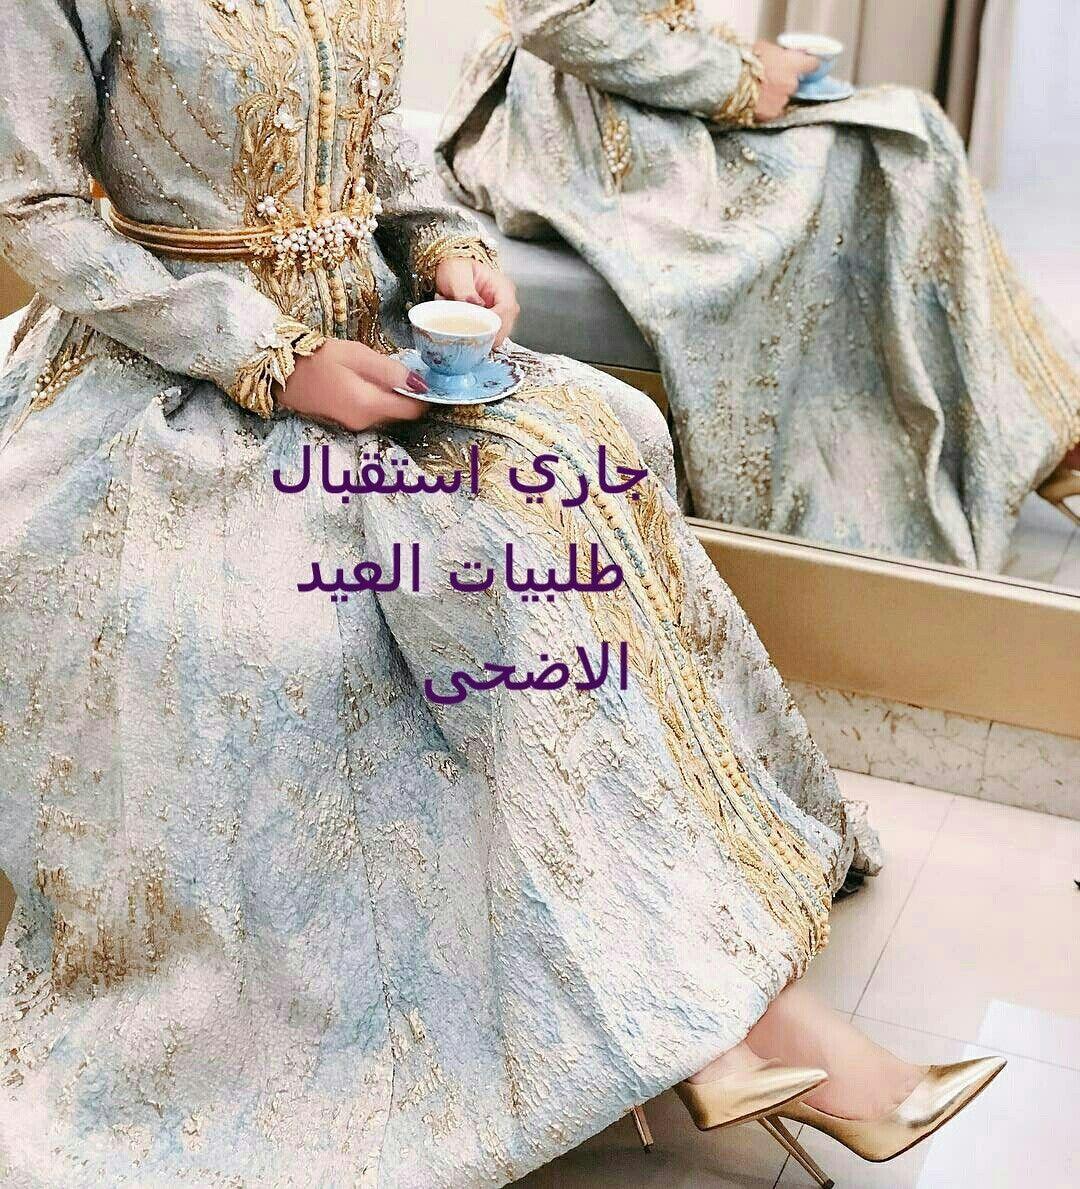 كولكشن قفطان 2018 للطلب حياكم واتس اب 00212699025005 قفطان الامارات تاجرة الشرقية الرياض فاشنيستا السعودية Weddin Victorian Dress Tulle Skirt Stylish